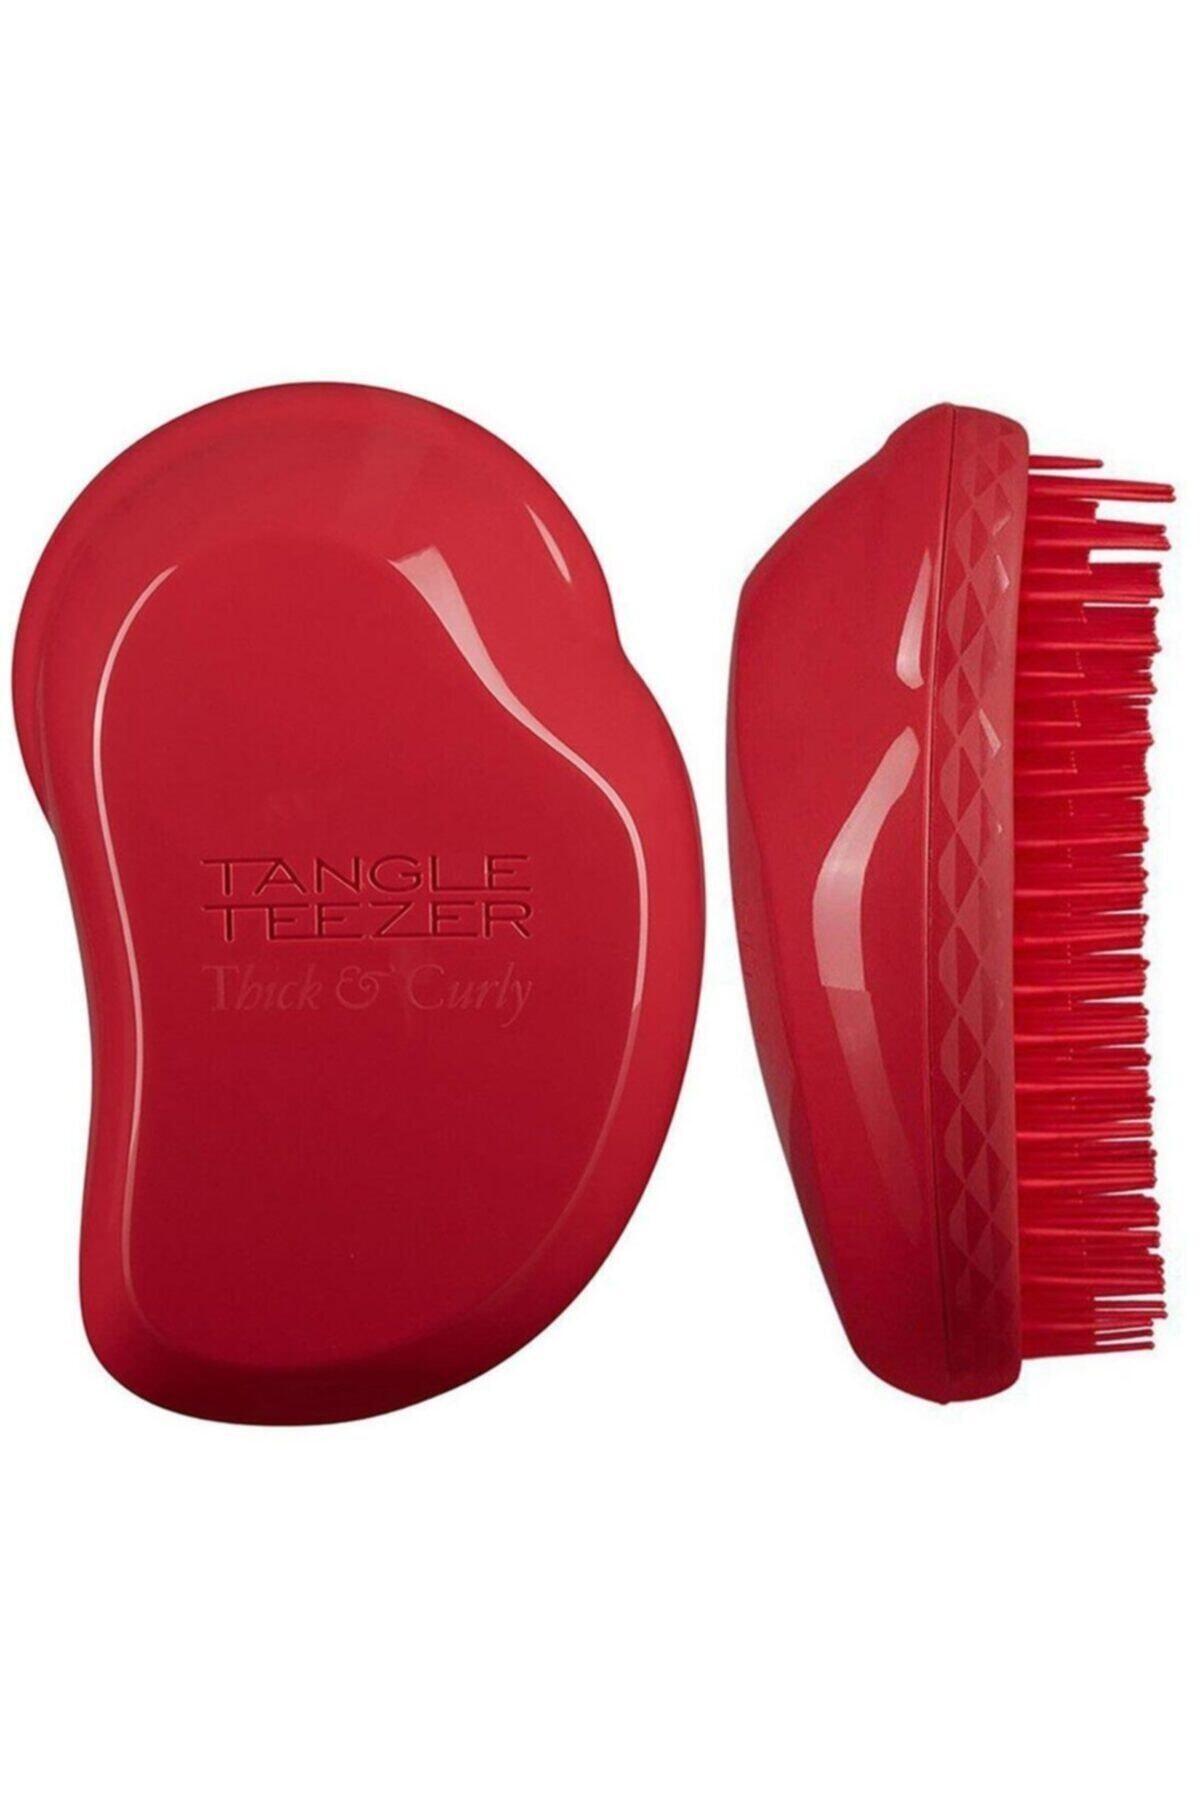 Tangle Teezer Thick & Curly Salsa Red Saç Fırçası 1